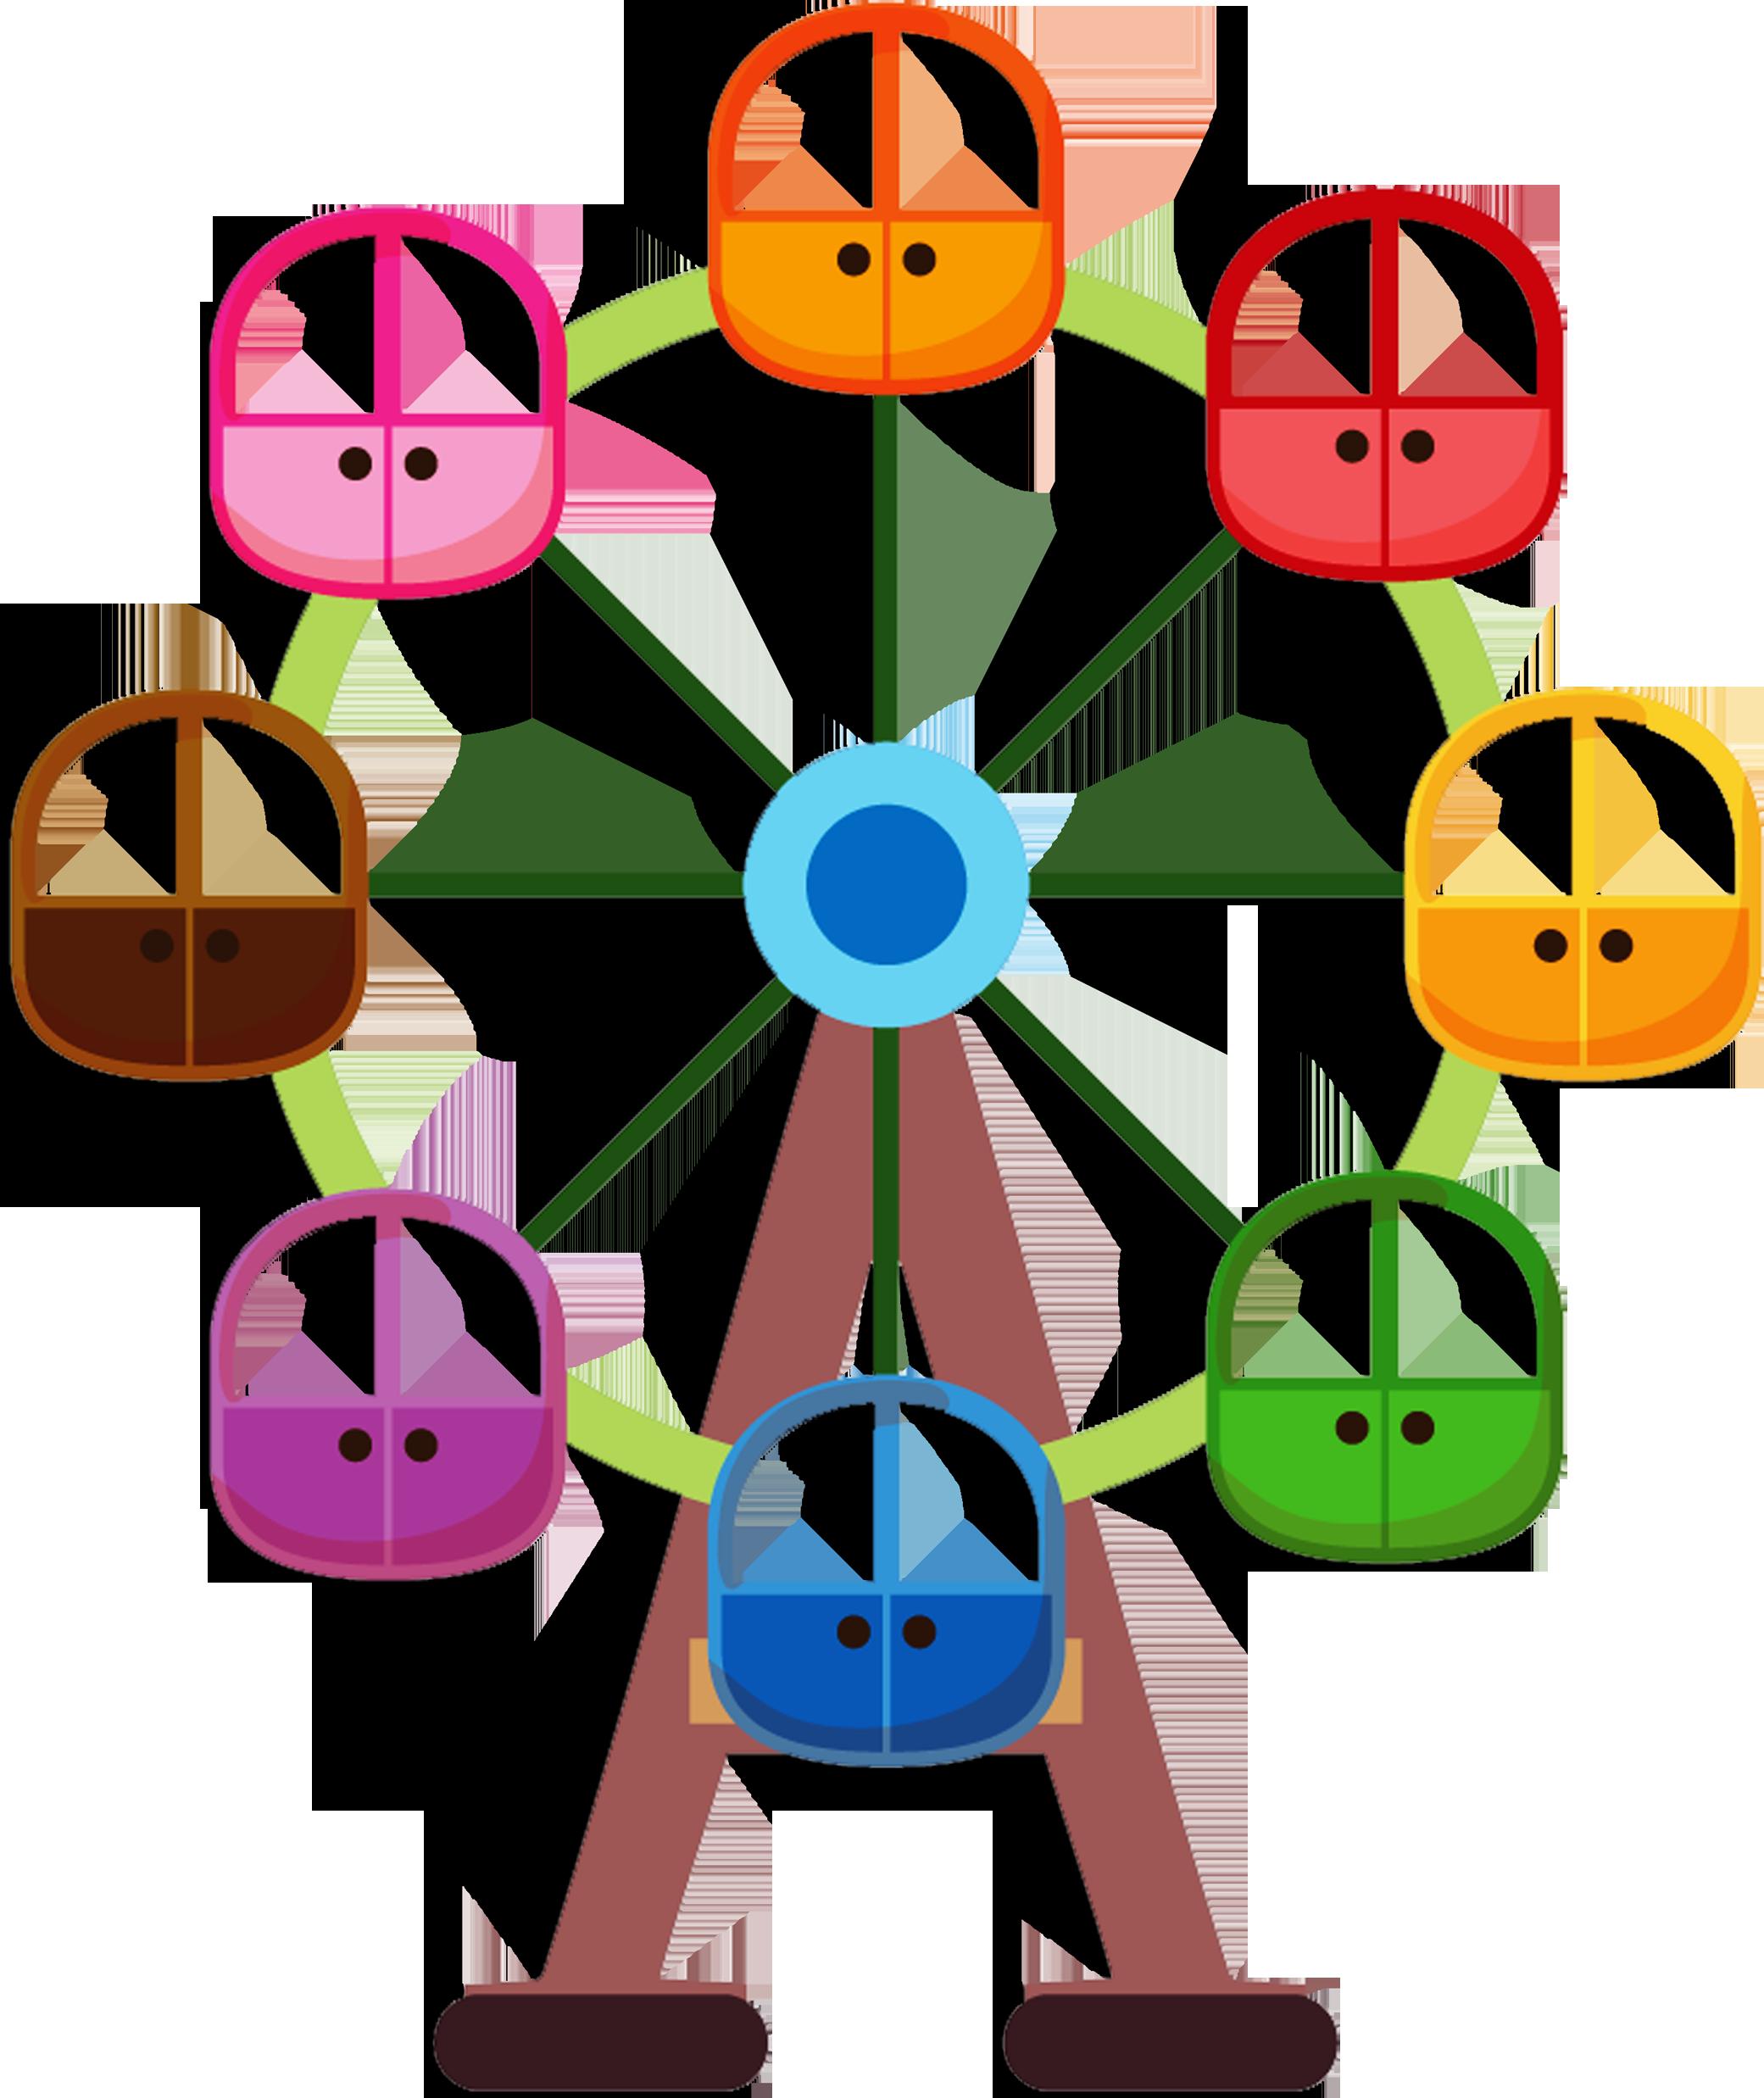 Ferris wheel car clipart image freeuse download CIRCO & PALHAÇO E PARQUE   CLIP ART FOUR   Pinterest   Clip art image freeuse download